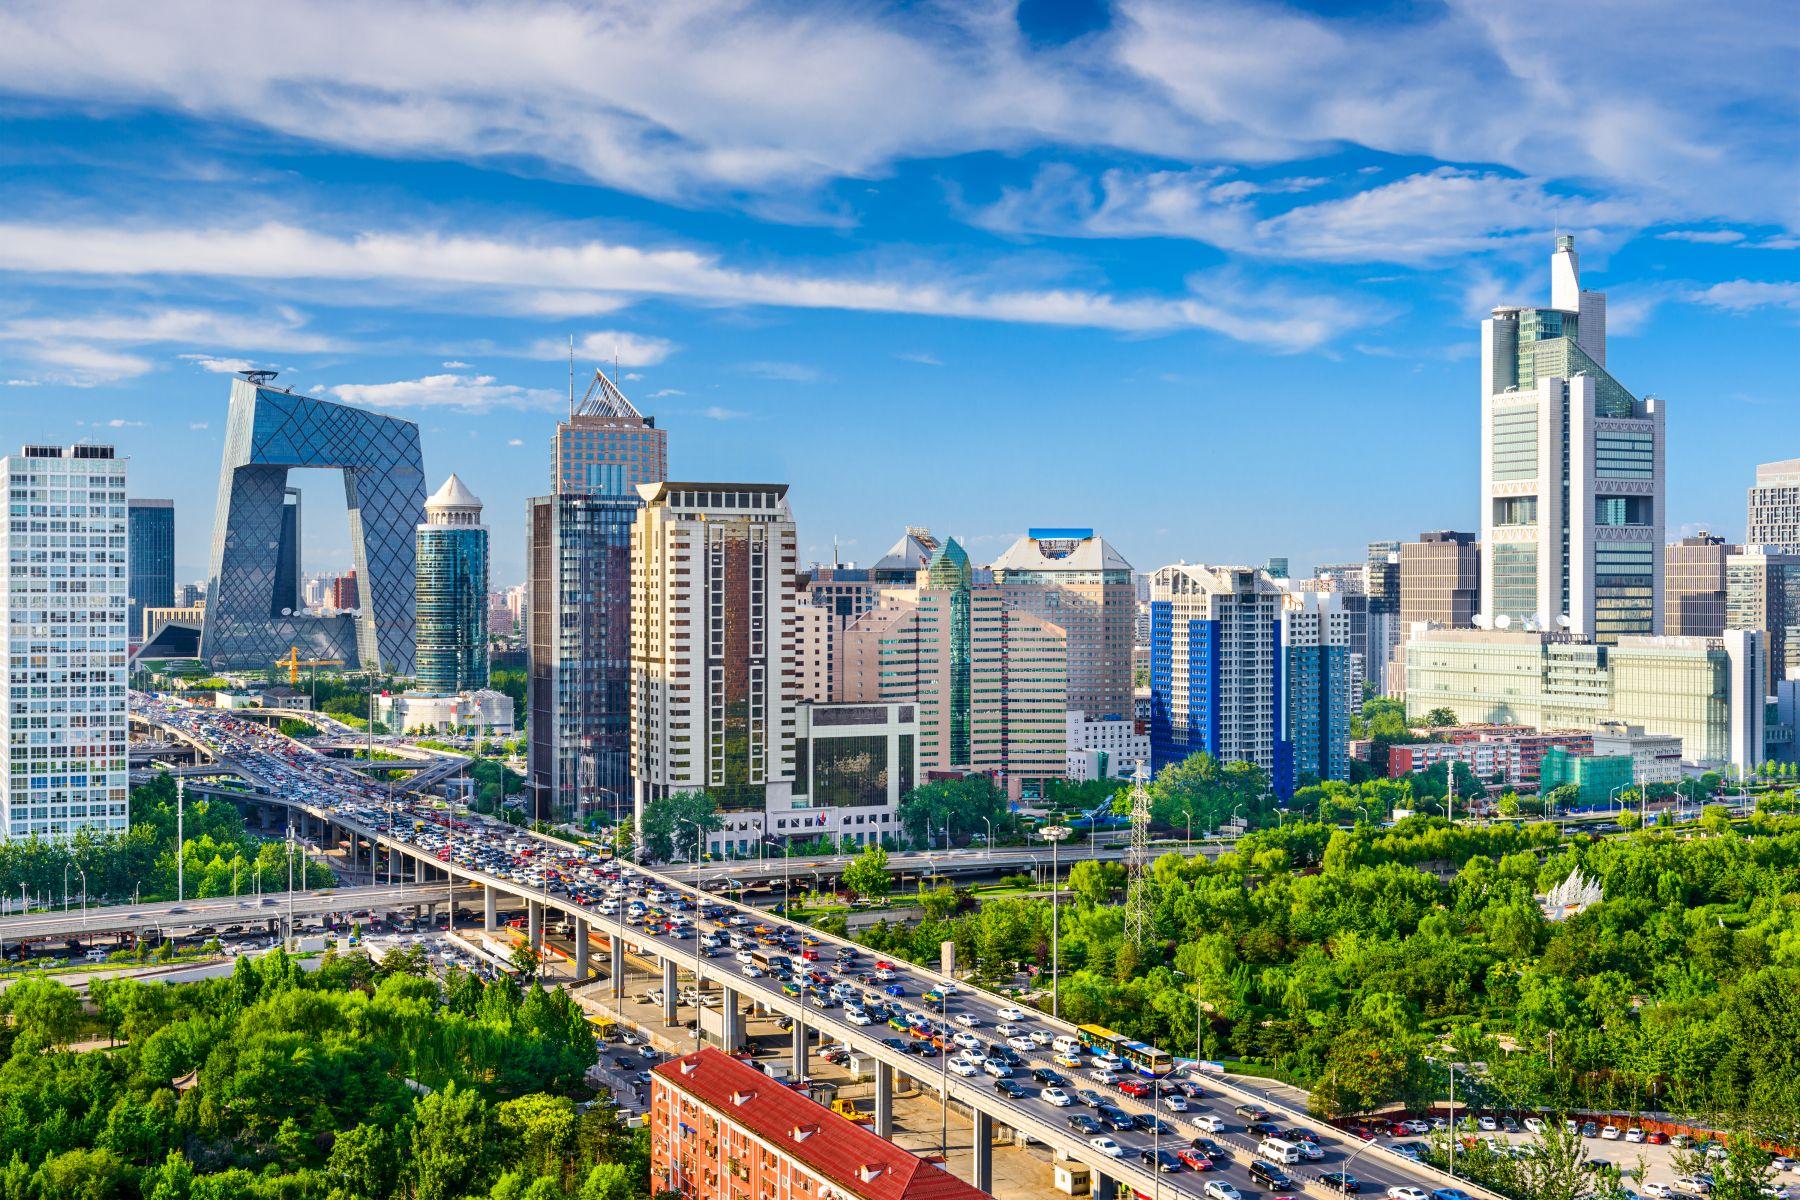 繳了房租卻被趕出門 中國長租公寓恐成下個「爆雷P2P」